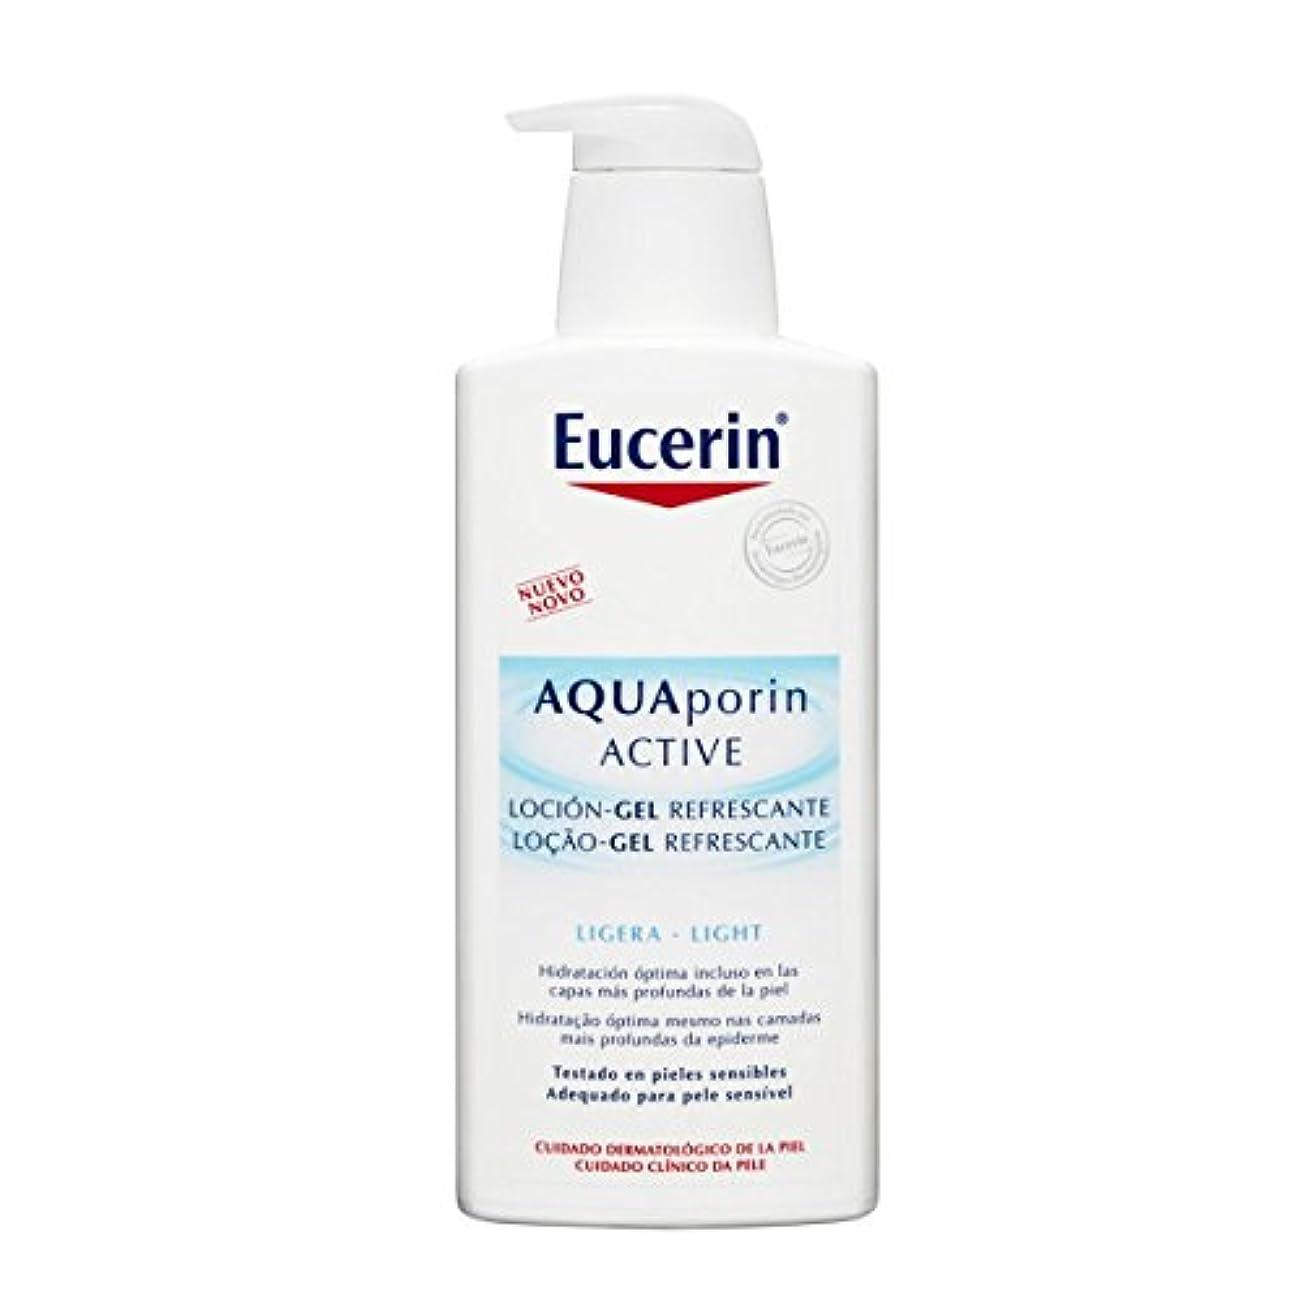 発火する闘争リットルEucerin Aquaporin Active Intense Body Balm 400ml [並行輸入品]